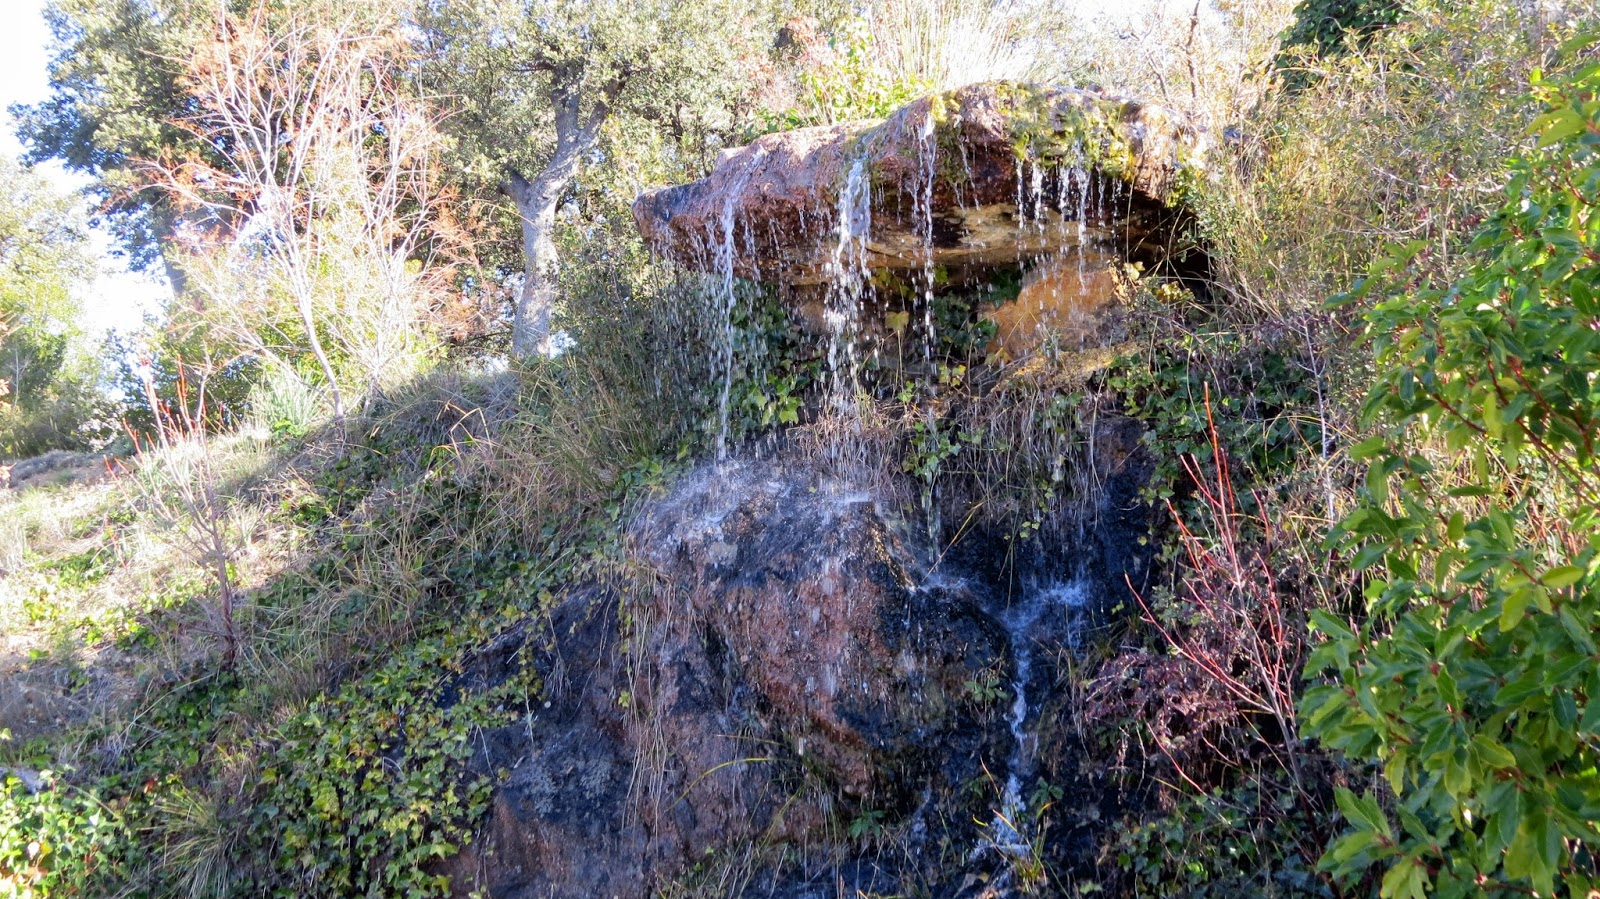 Notas cordobesas el manantial de zagrilla alta priego de for Jardin micologico la trufa